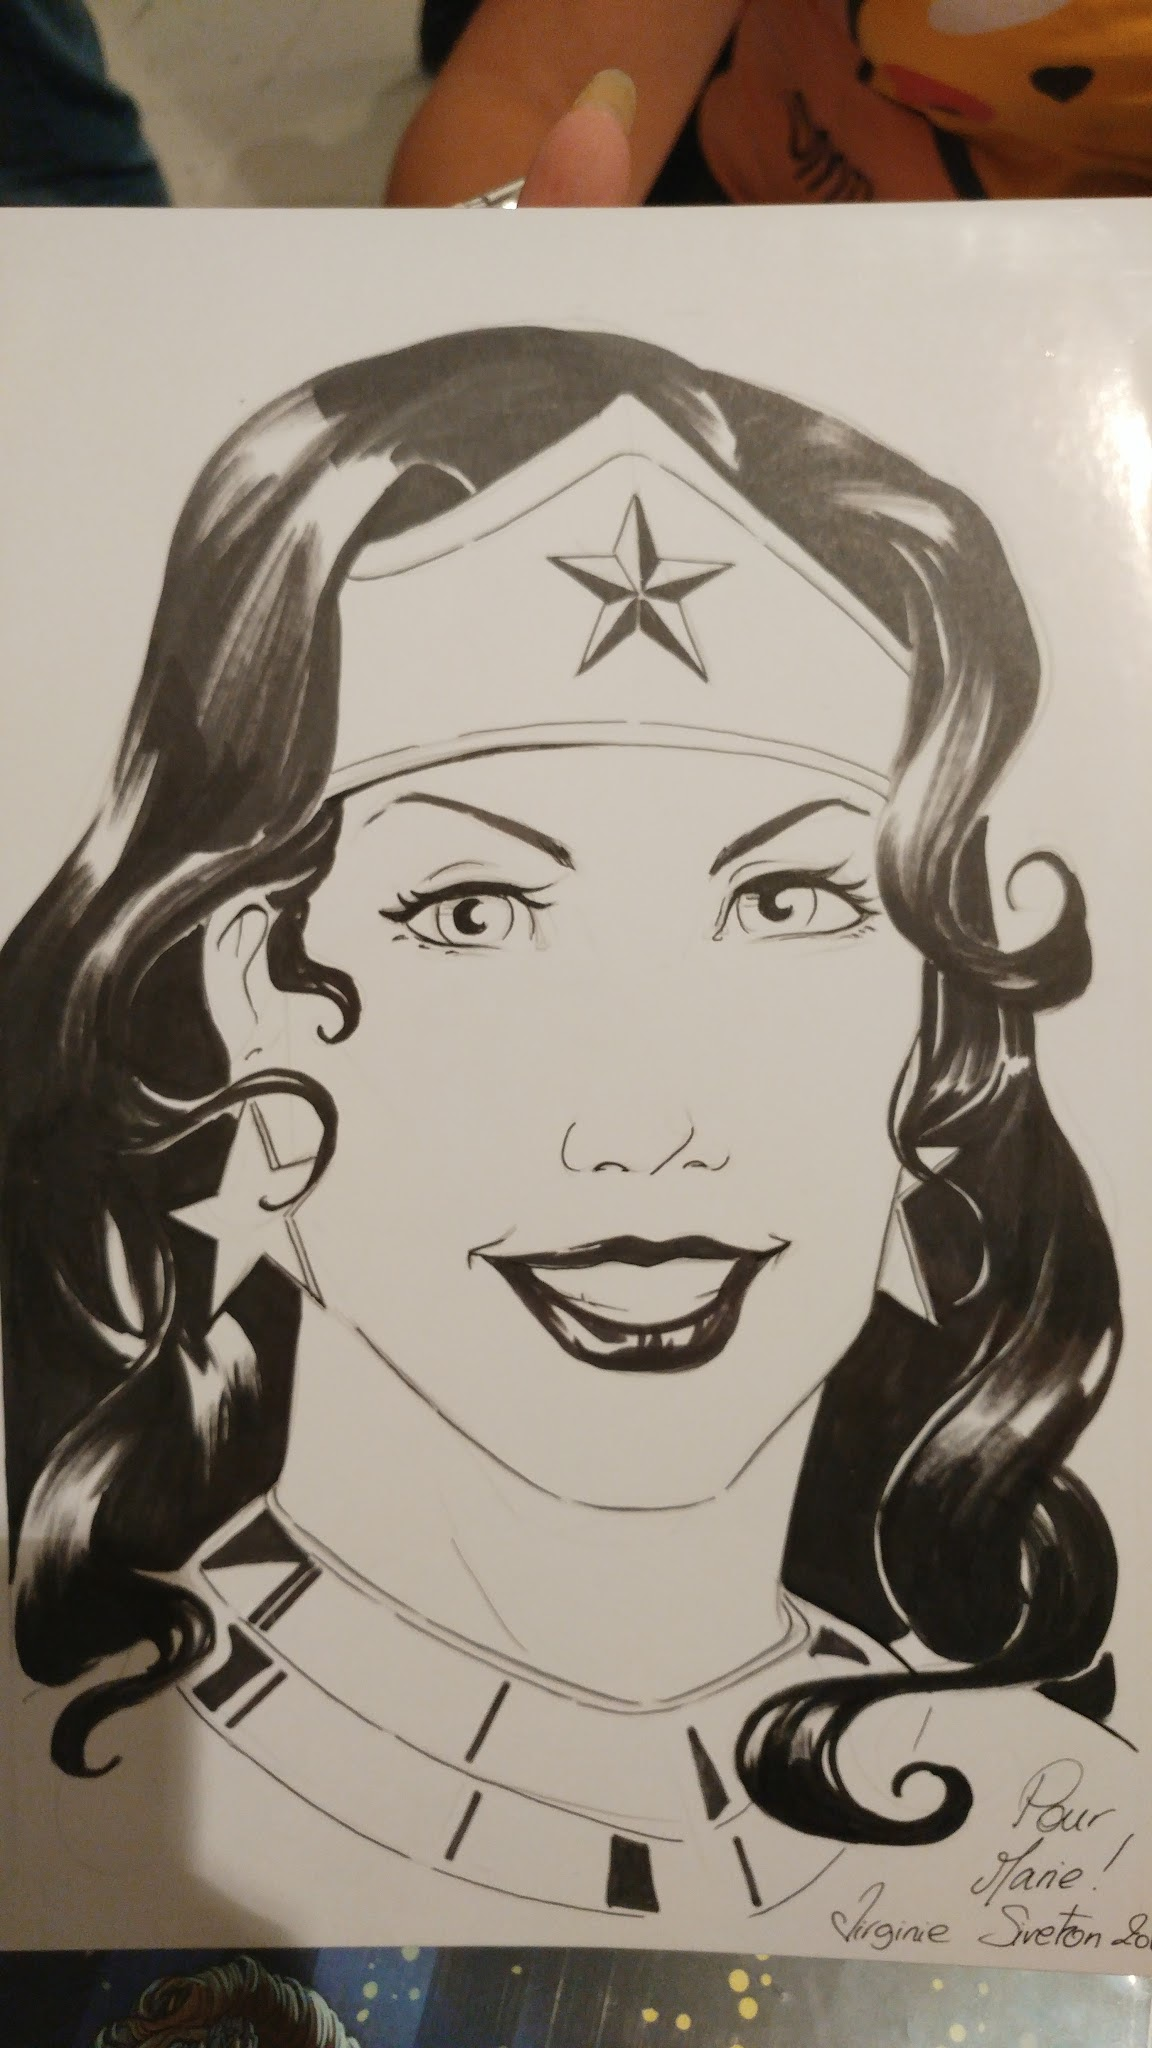 lille fisse Wonder Woman pornostjerne